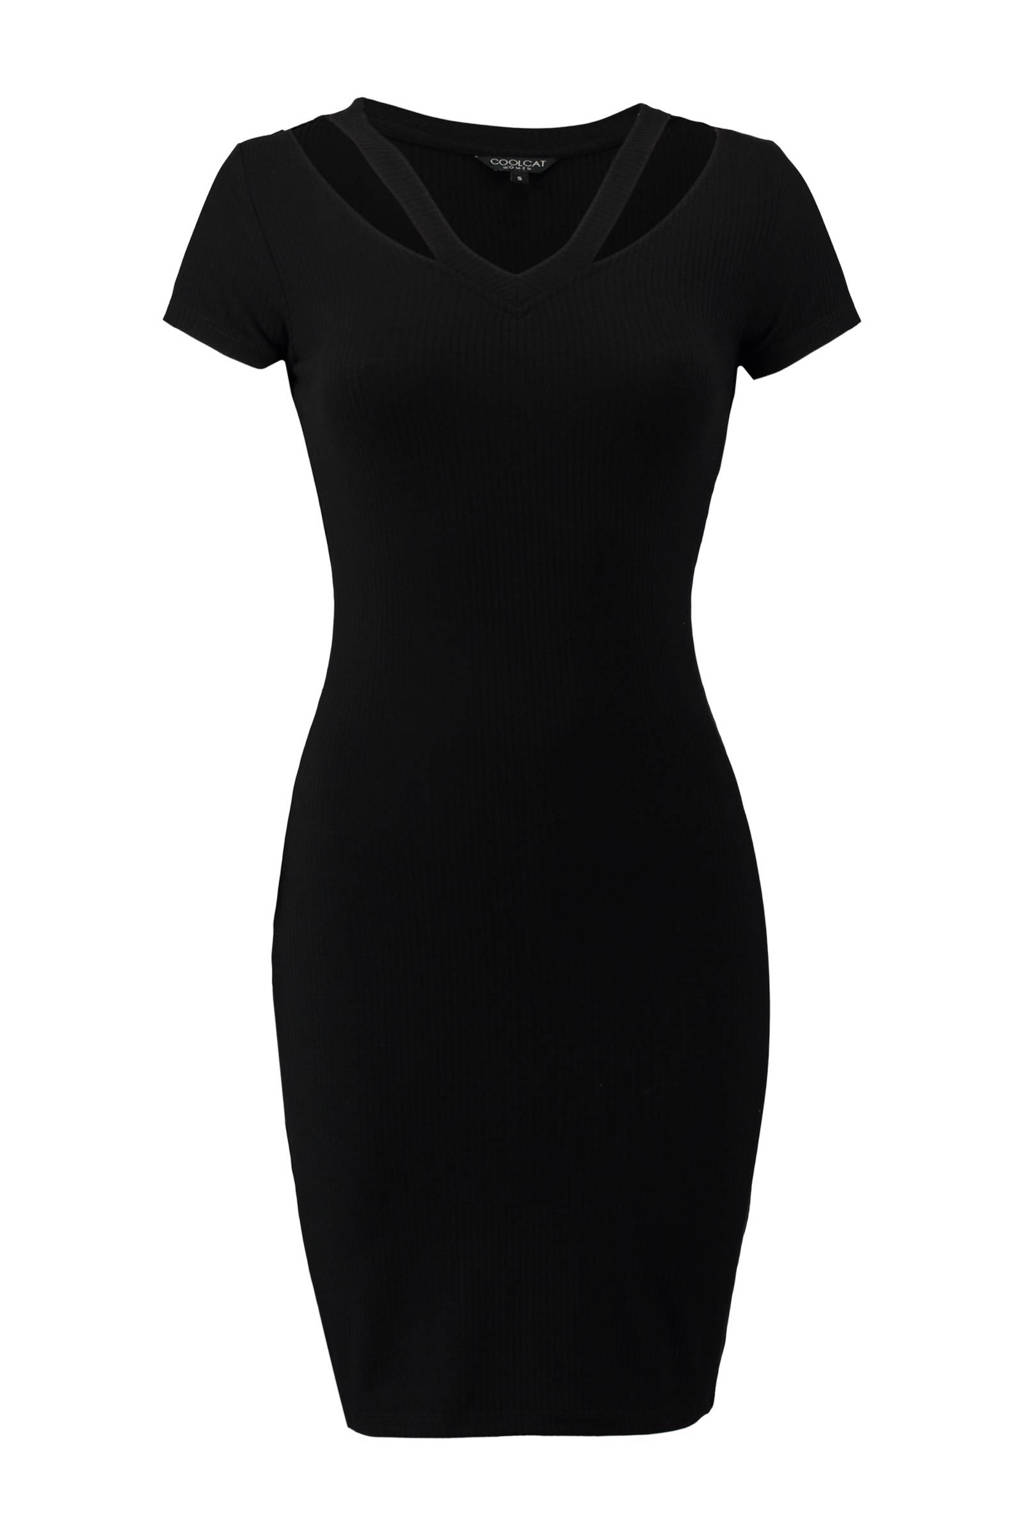 CoolCat jurk, Zwart